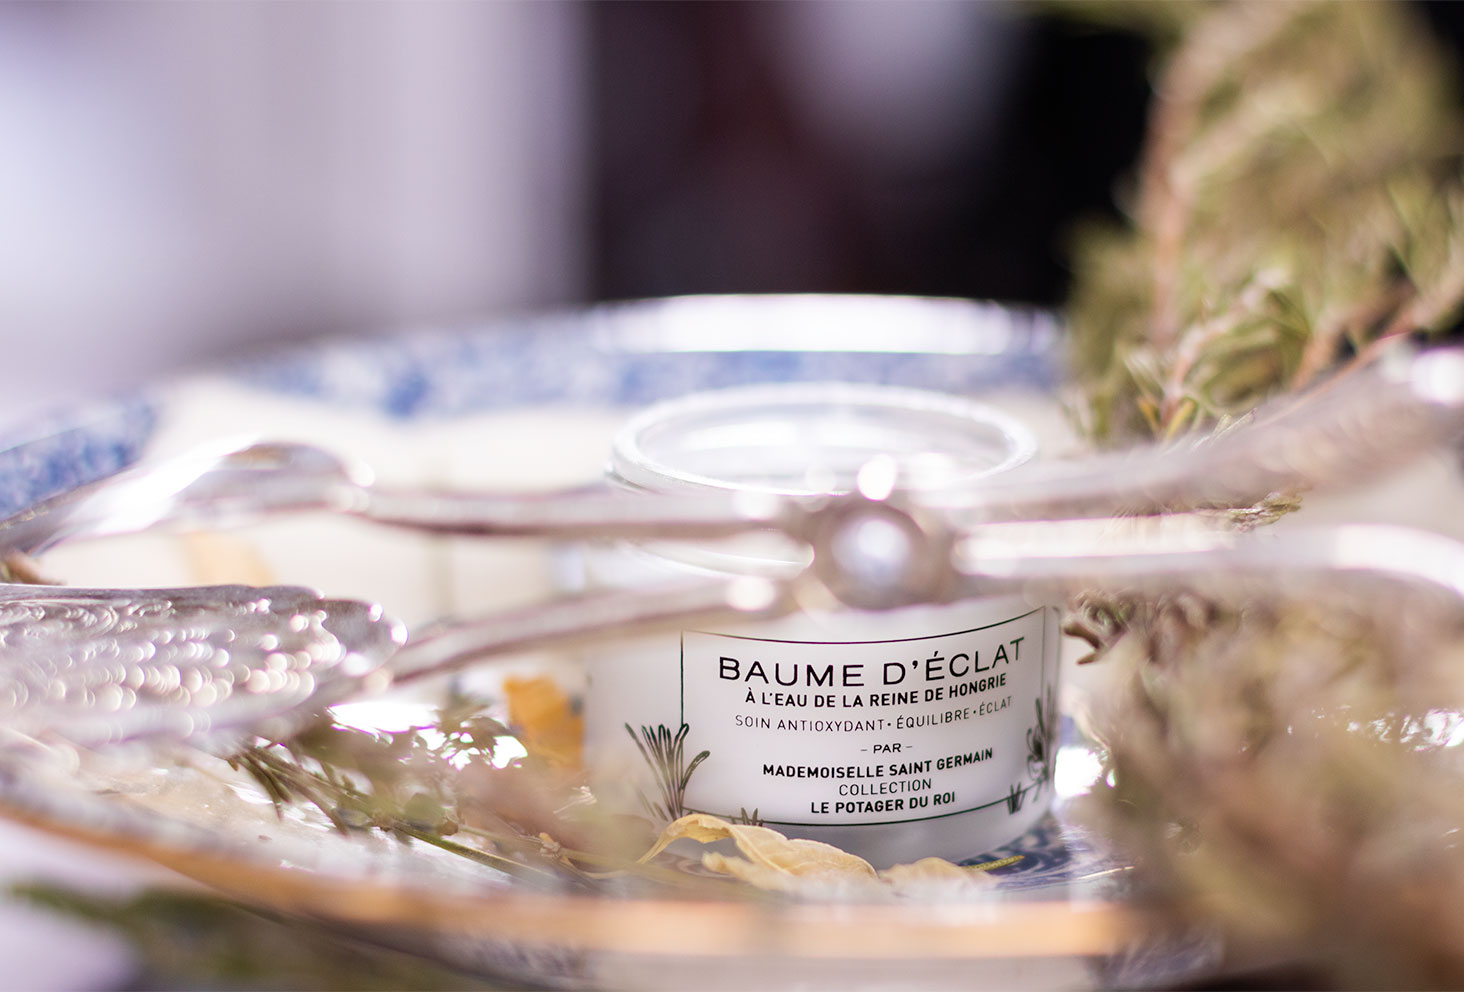 Le pot du baume d'Eclat à l'eau de la Reine de Hongrie pour la routine visage idéale de l'hiver, dans une soucoupe en porcelaine, au milieu du romarin et des couverts en argent